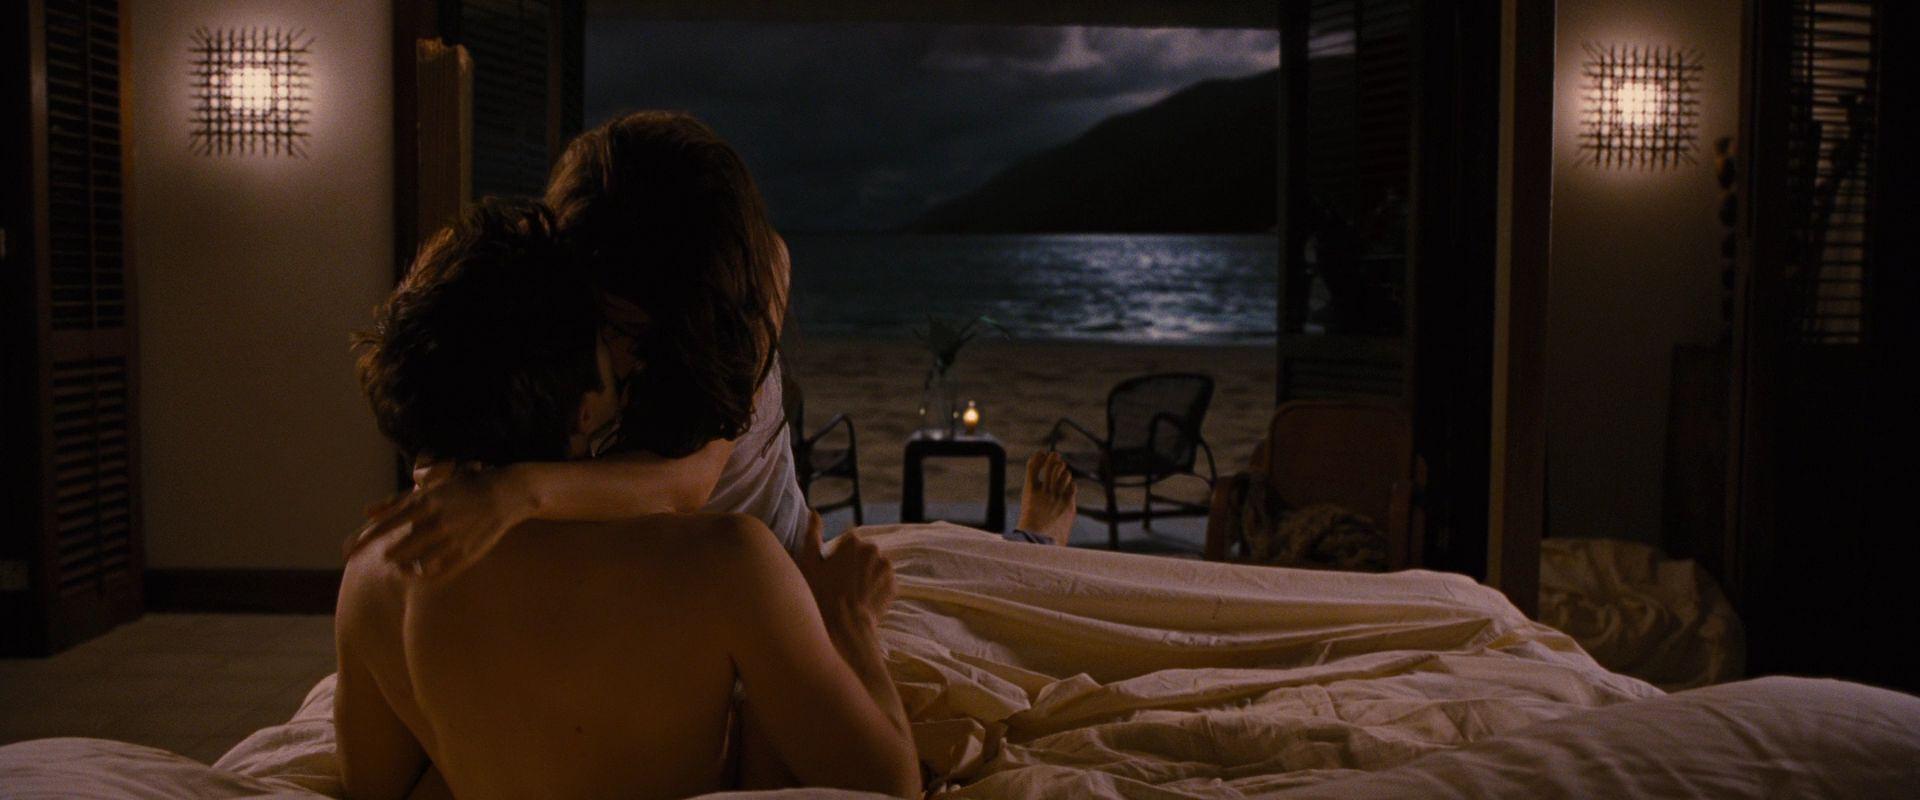 Смотреть онлайн брачный ночь, Отличный фильм! Первая брачная ночь 6 фотография